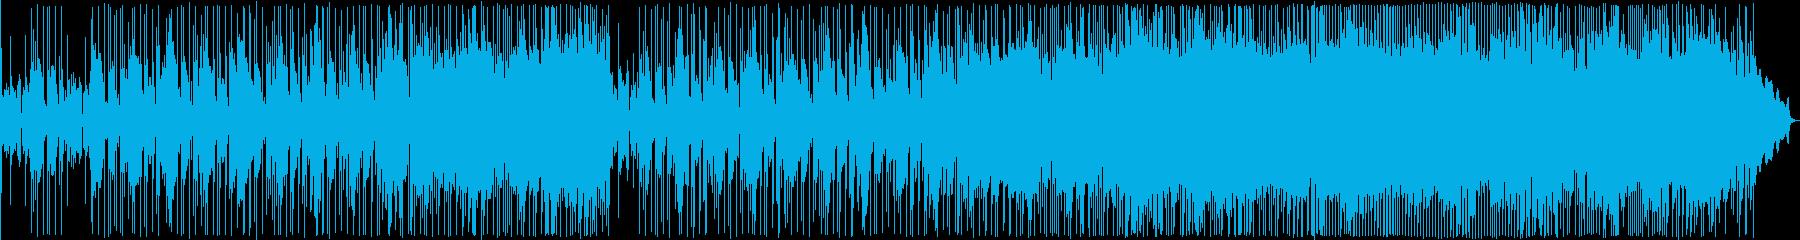 ゆったりとしたブルージーなバラードの再生済みの波形